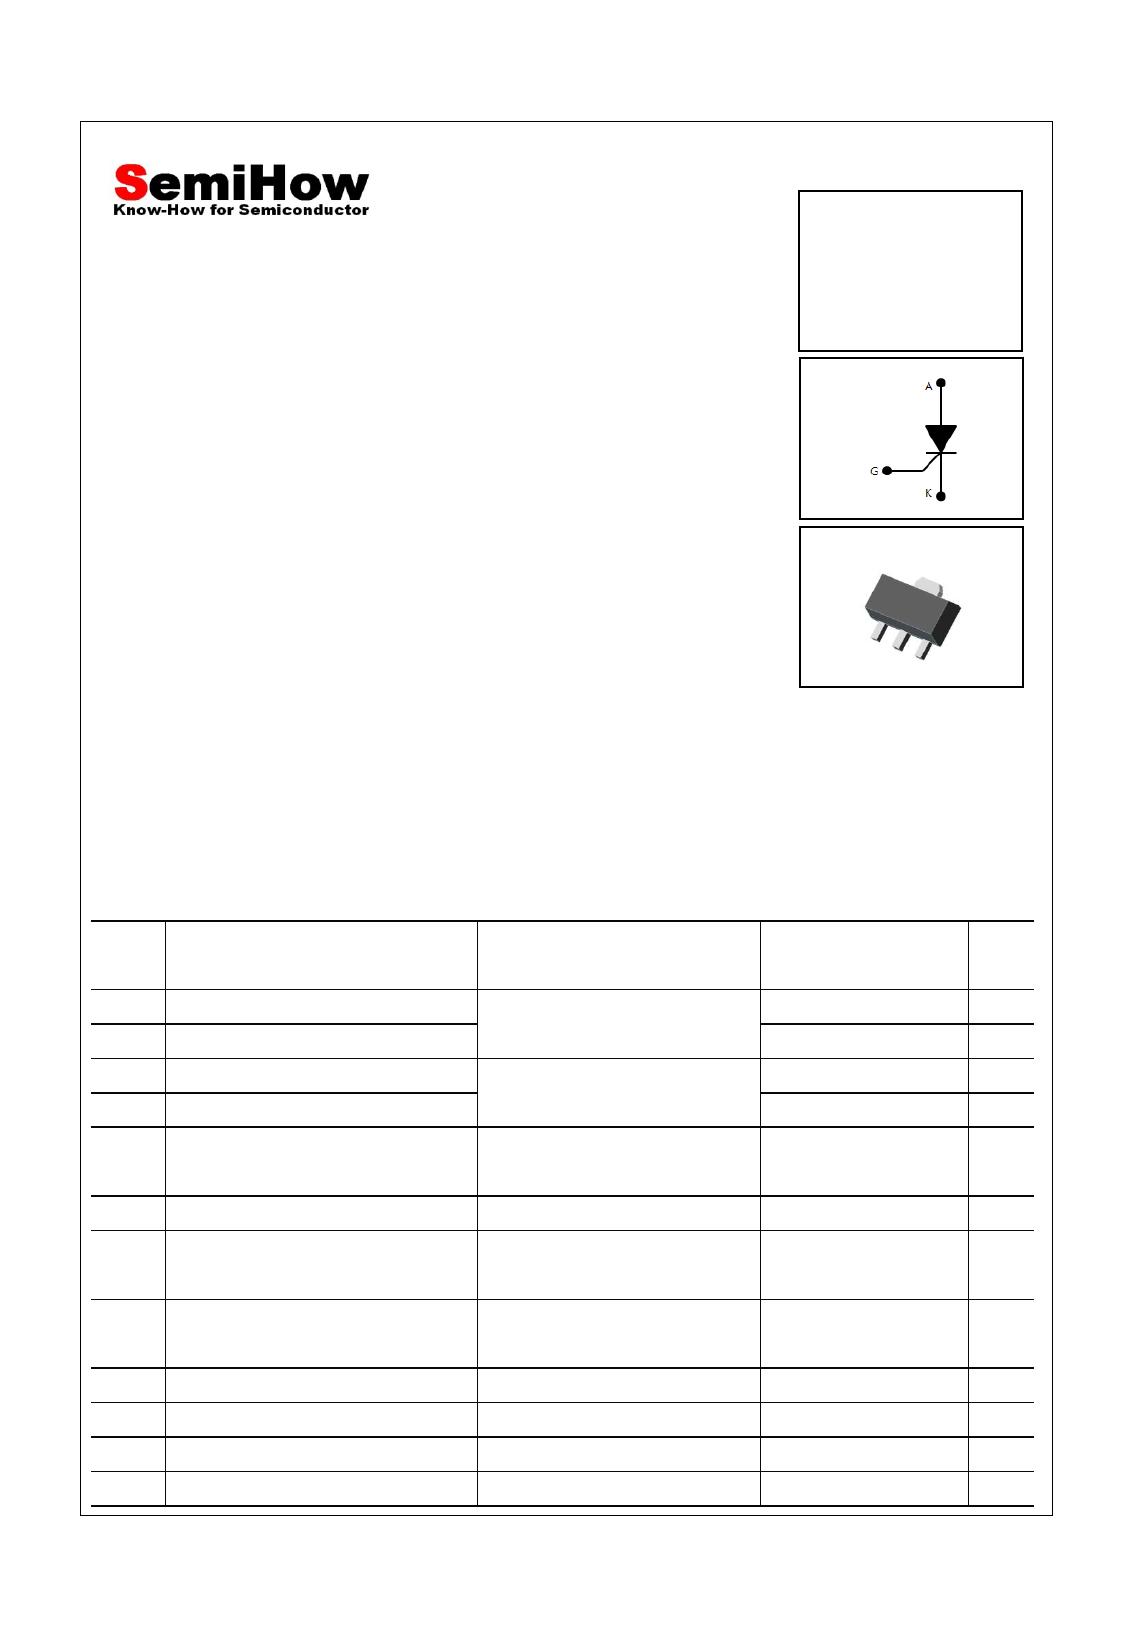 MCK100-6 데이터시트 및 MCK100-6 PDF